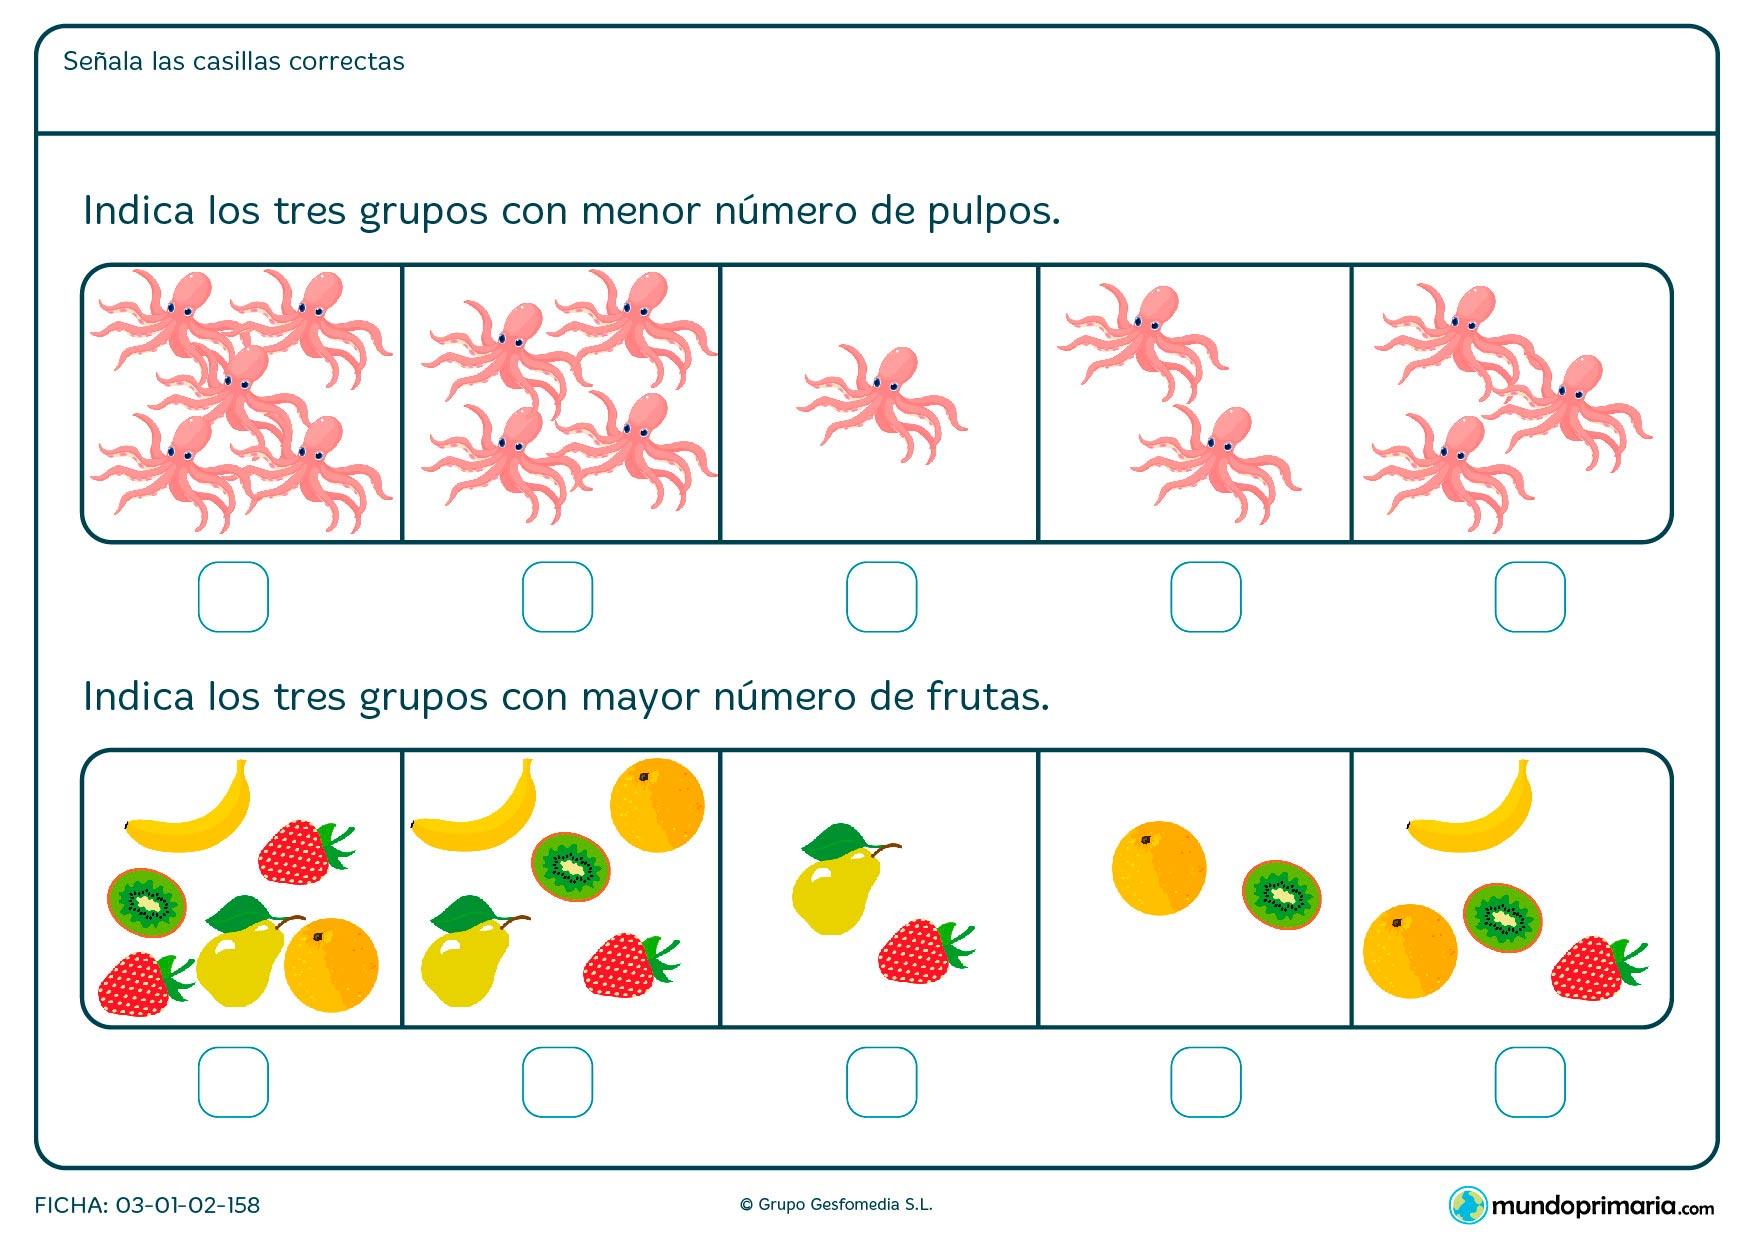 Indica los tres grupos de imágenes con mayor o menos número de pulpos o frutas, dependiendo de la pregunta.